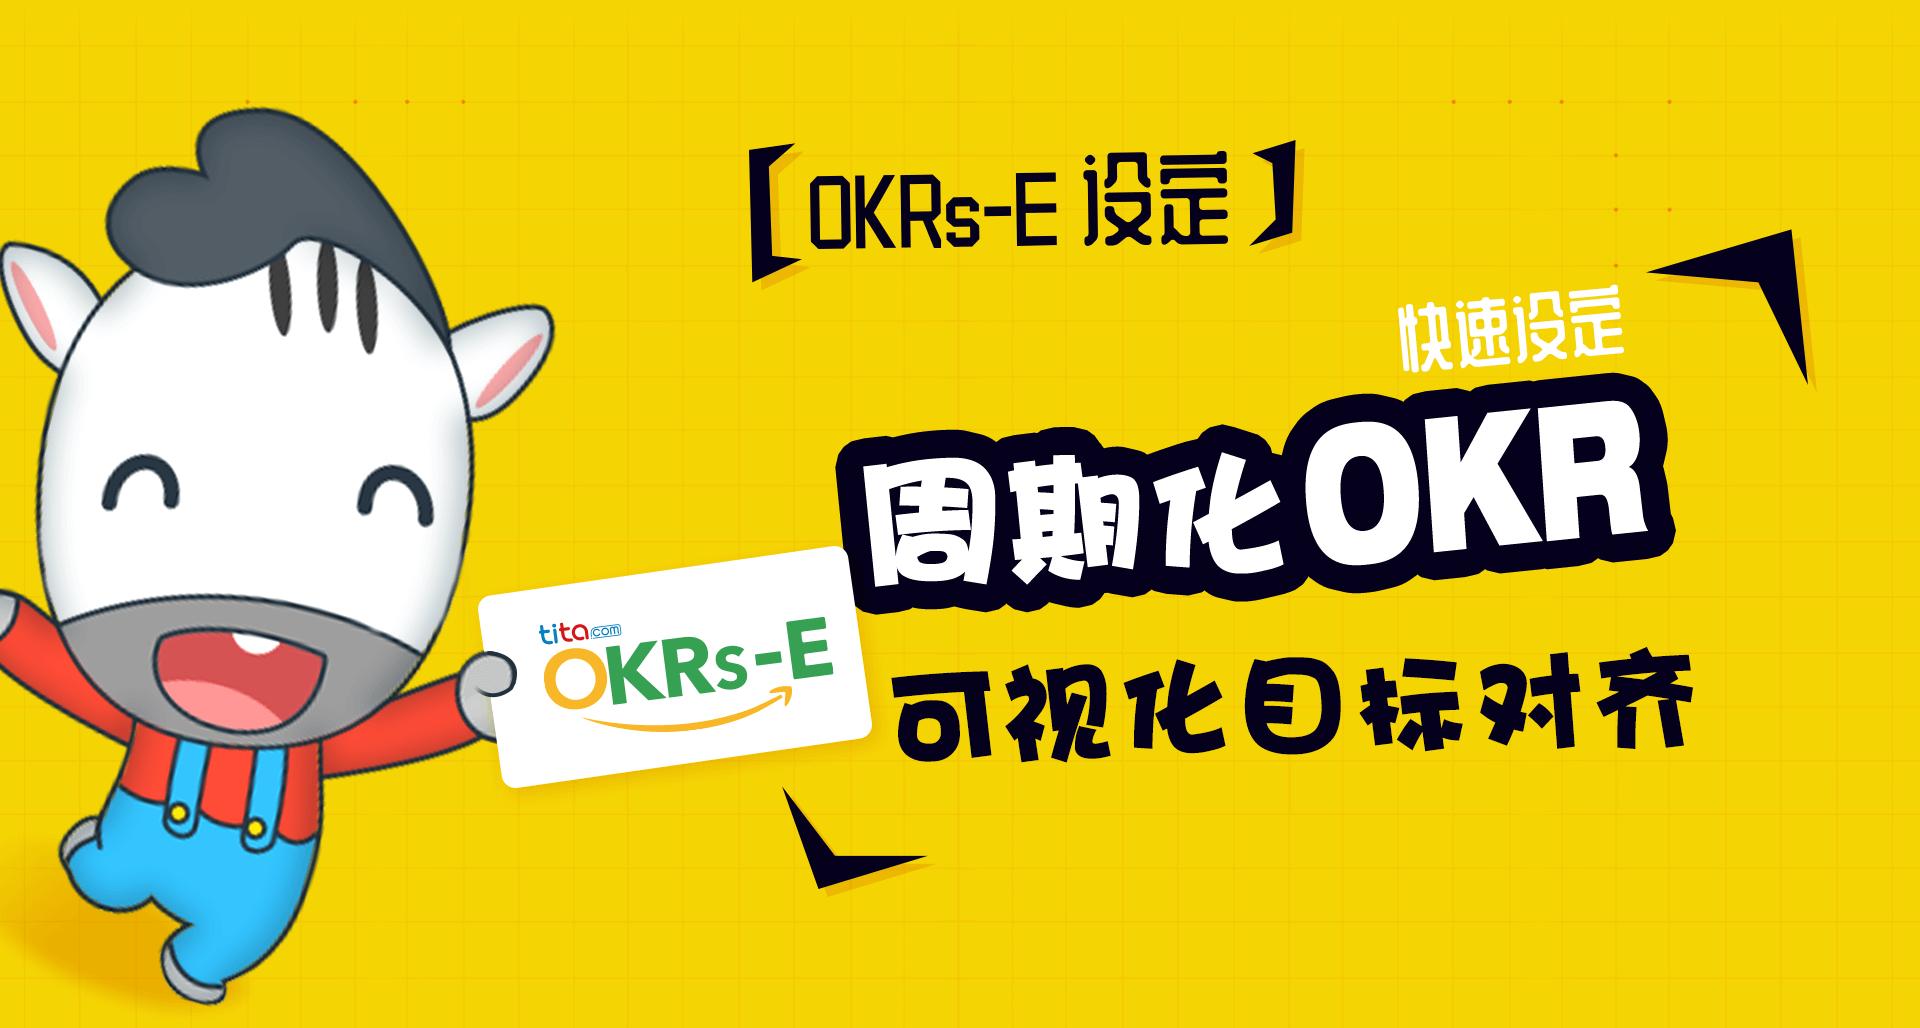 大企业与OKR